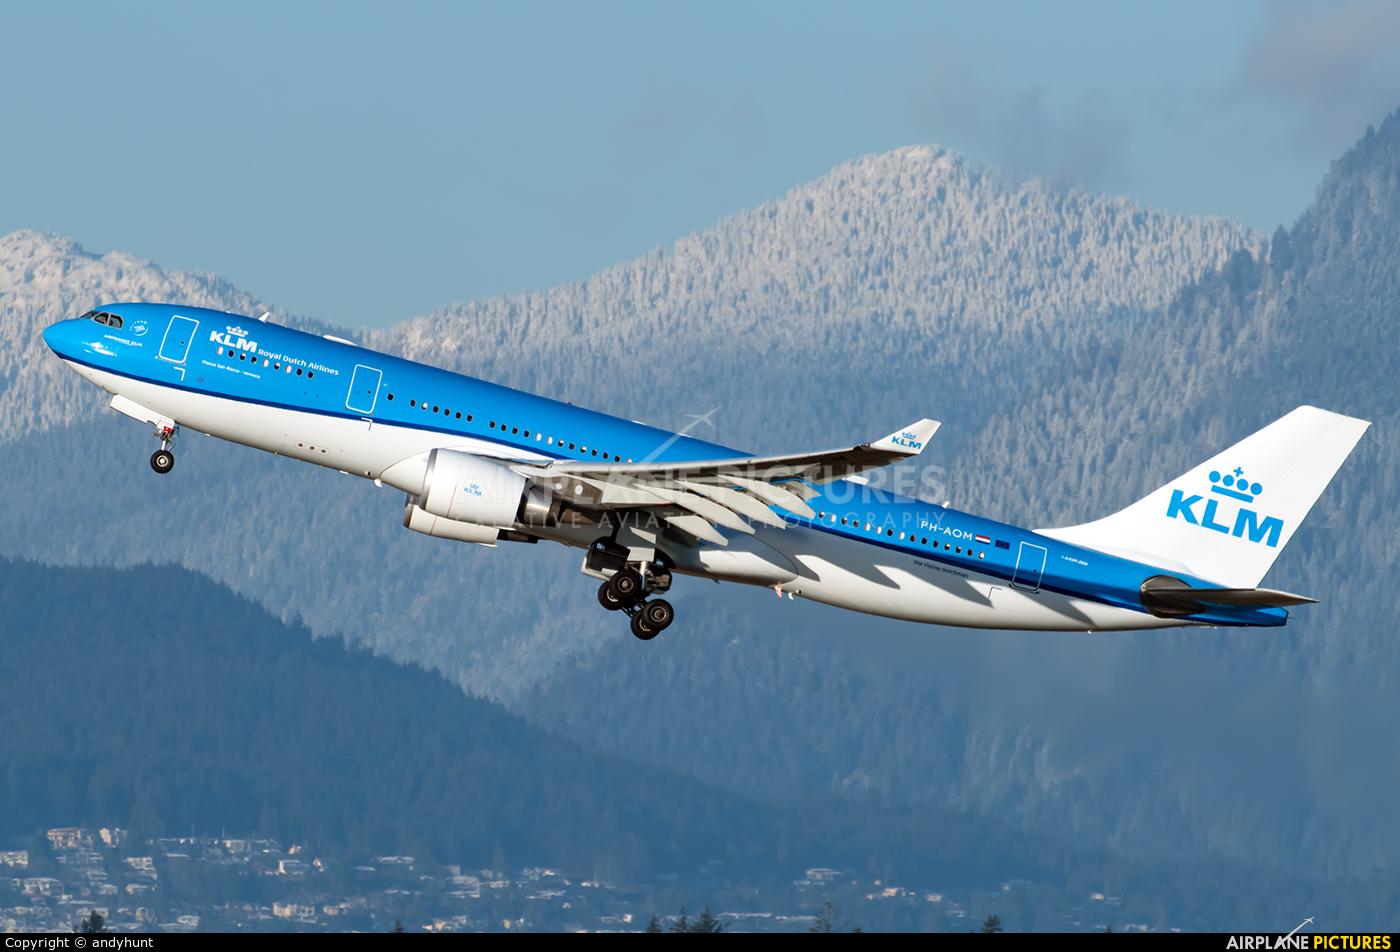 KLM PH-AOM aircraft at Vancouver Intl, BC